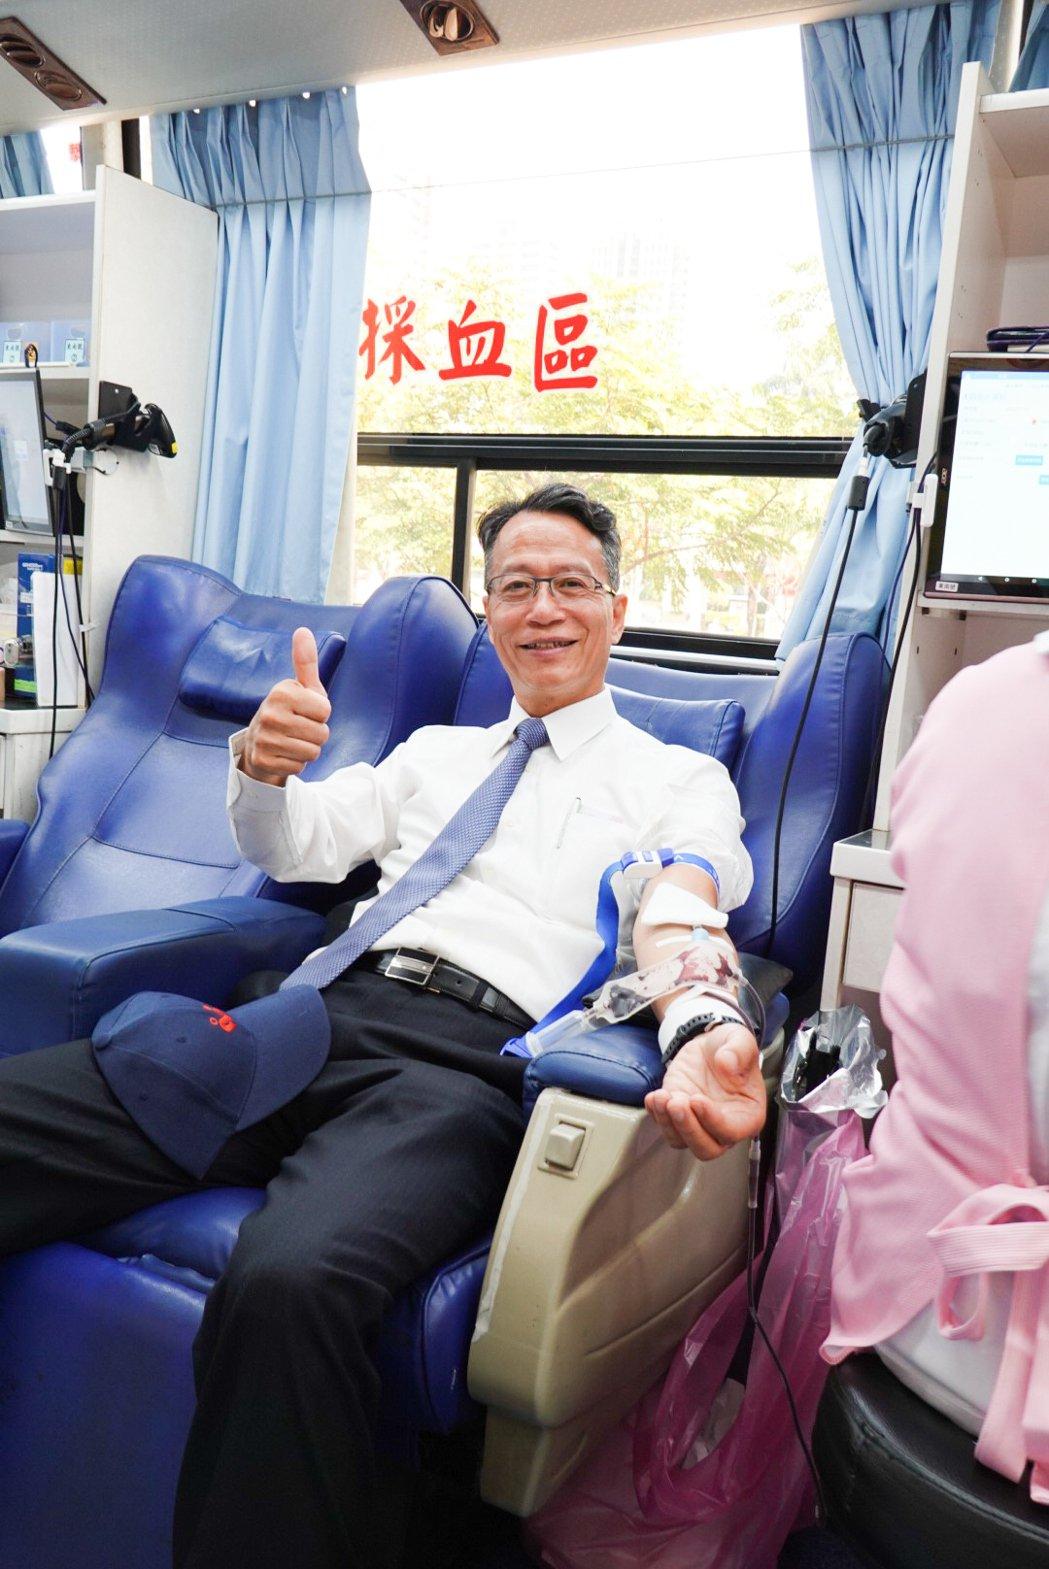 園冶獎主任委員洪光佐響應捐血。 攝影/張世雅